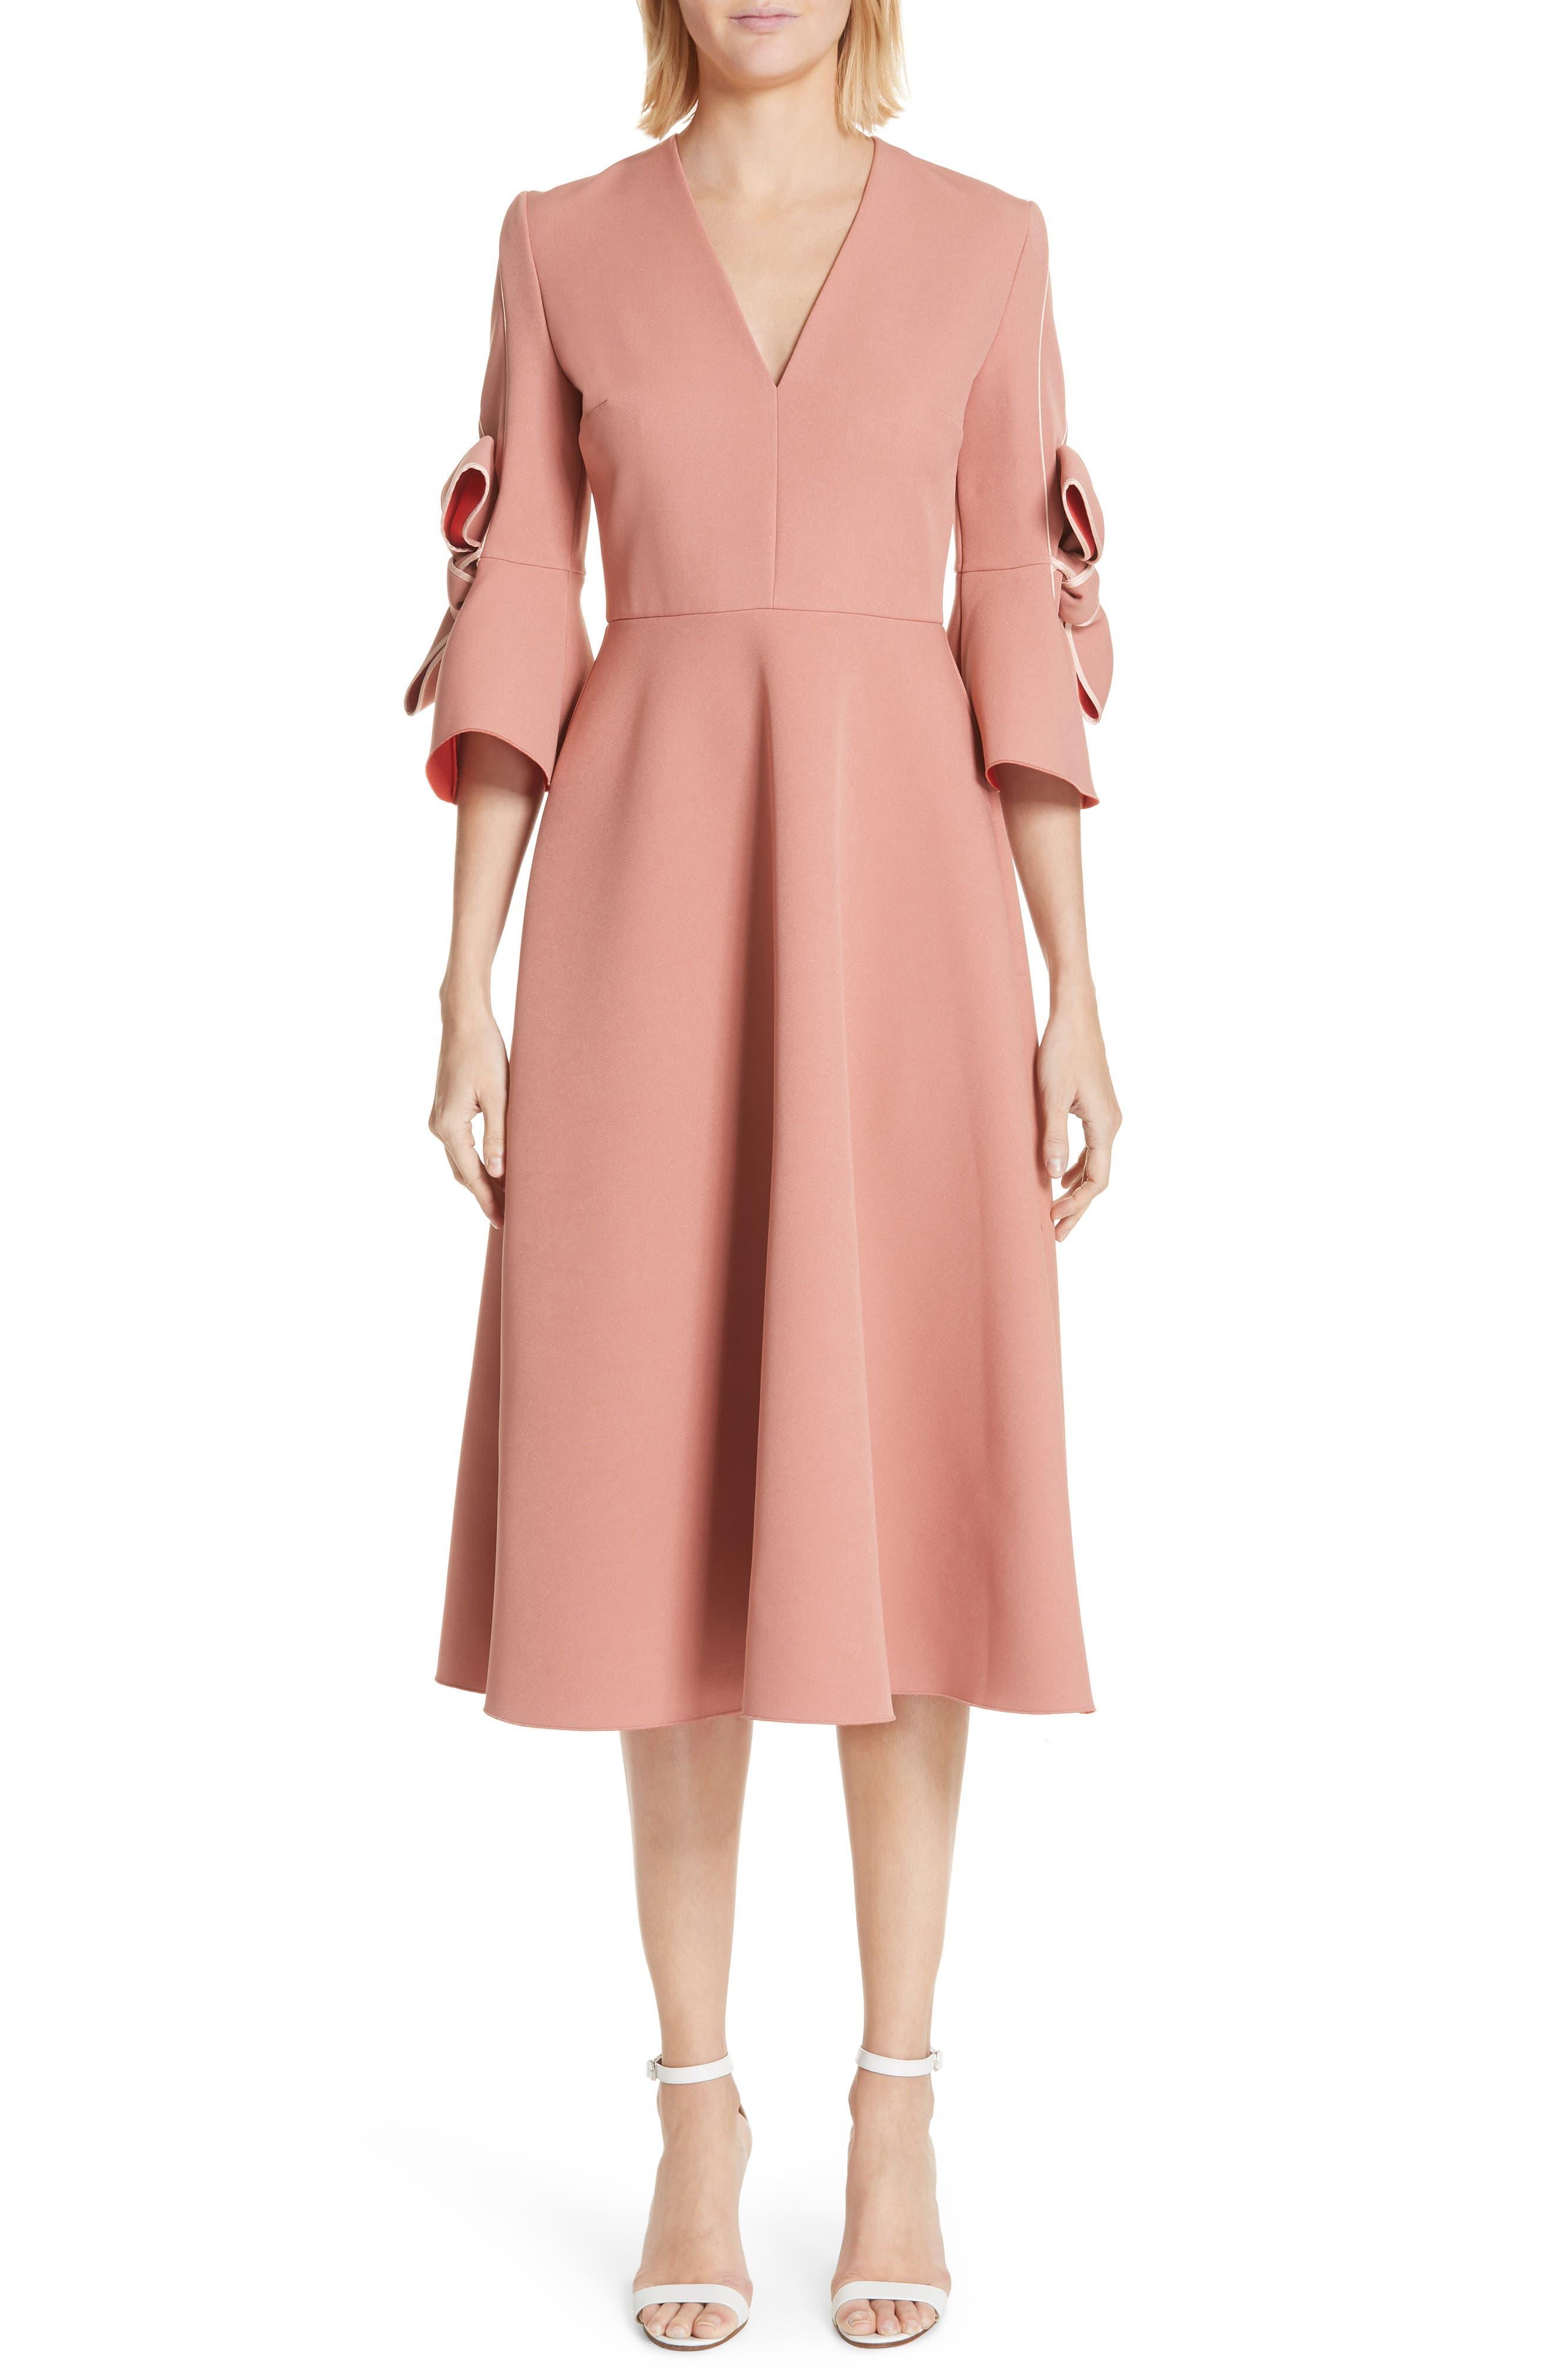 Sibella Bow Trim Dress,                             Main thumbnail 1, color,                             950